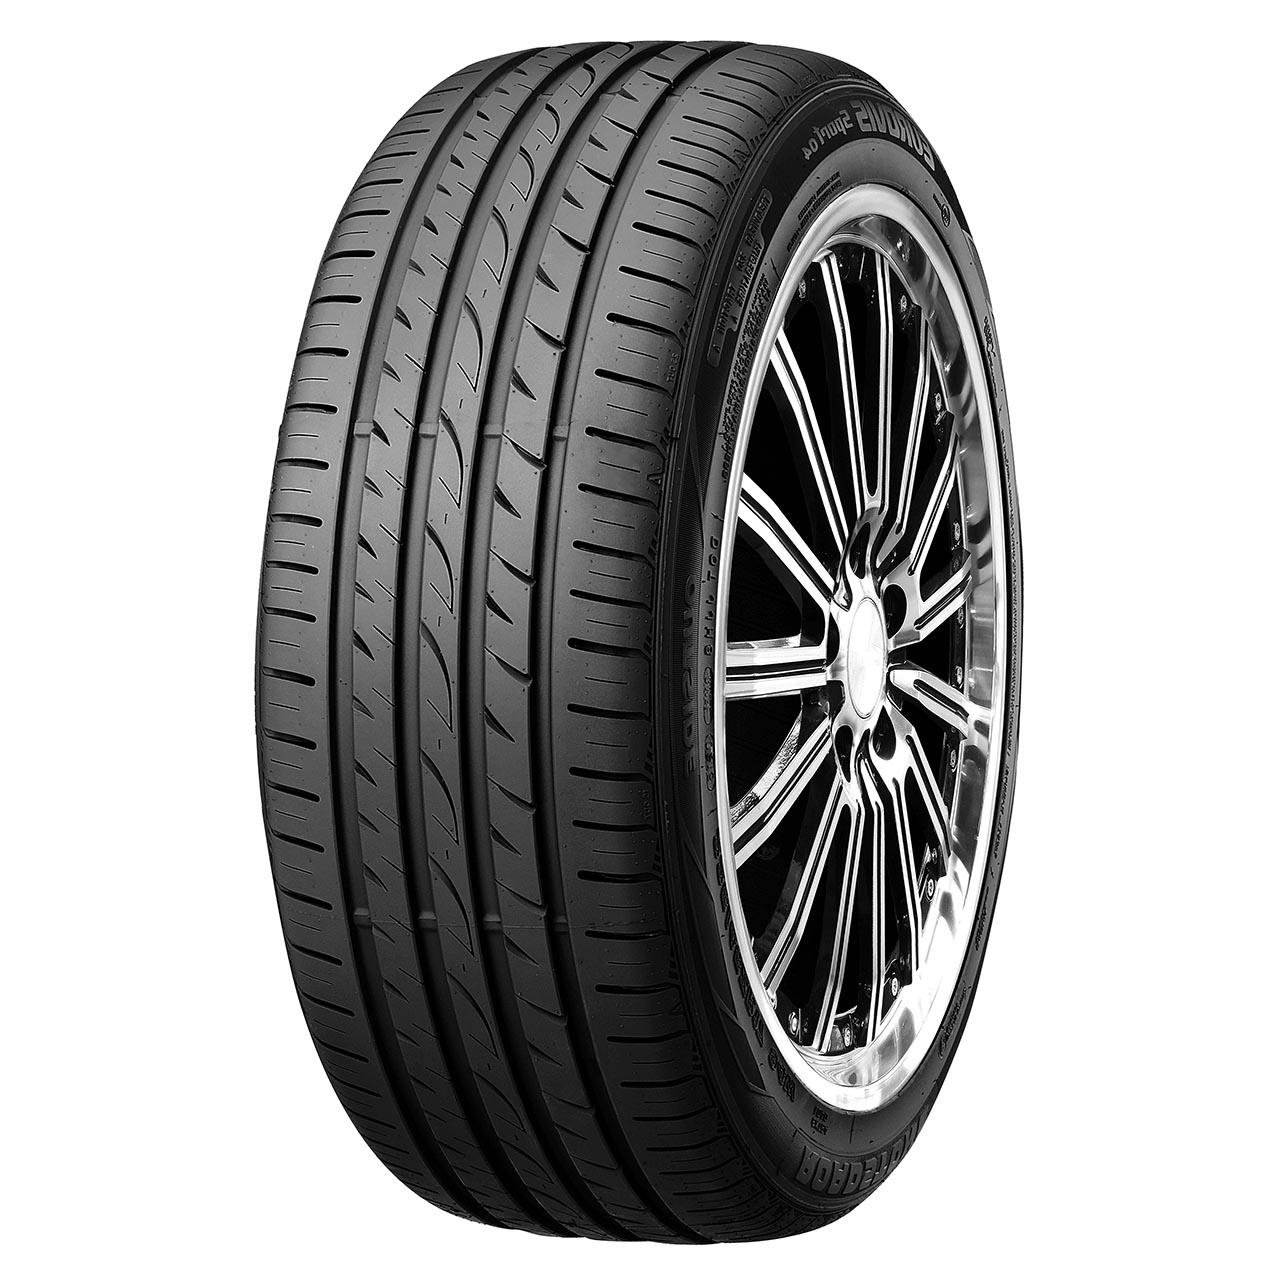 Roadstone Eurovis SP 04 255/35ZR20 97Y XL